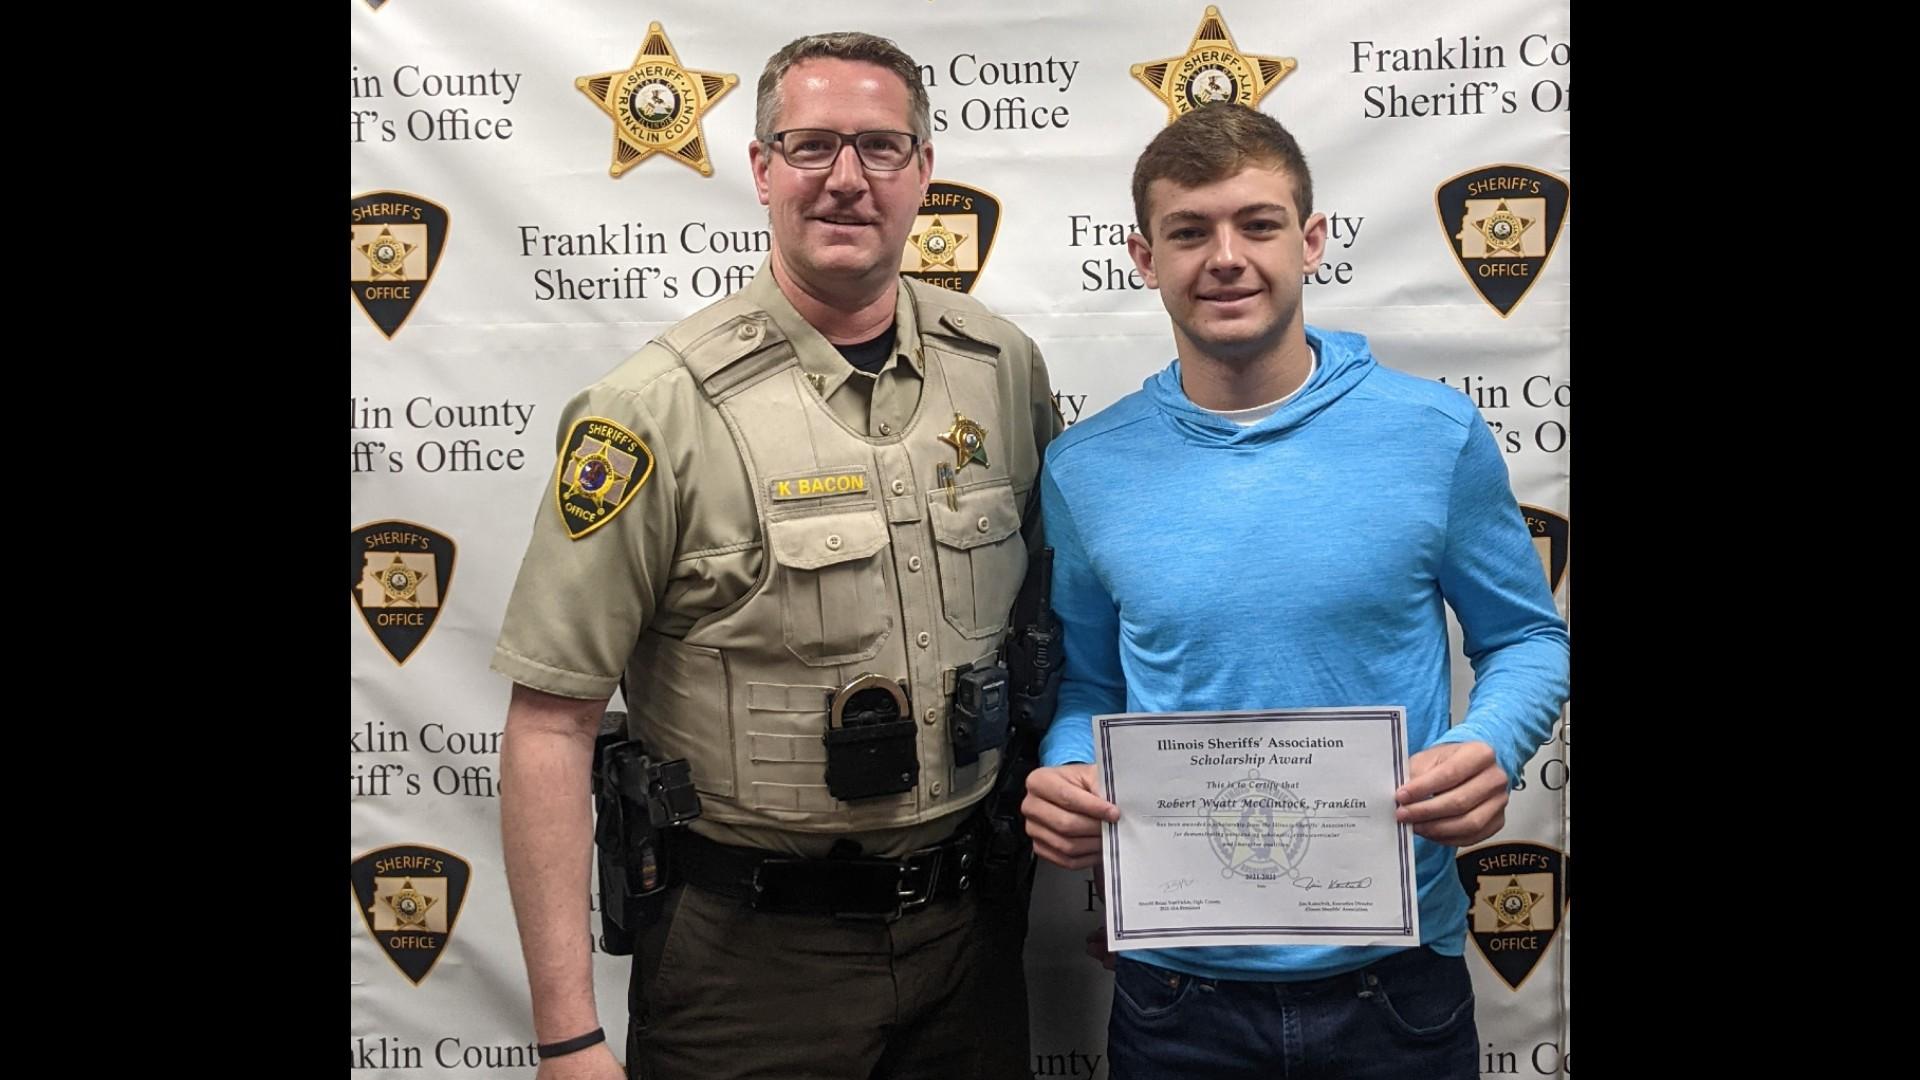 Benton High School Senior Win Illinois Sheriff's Scholarship